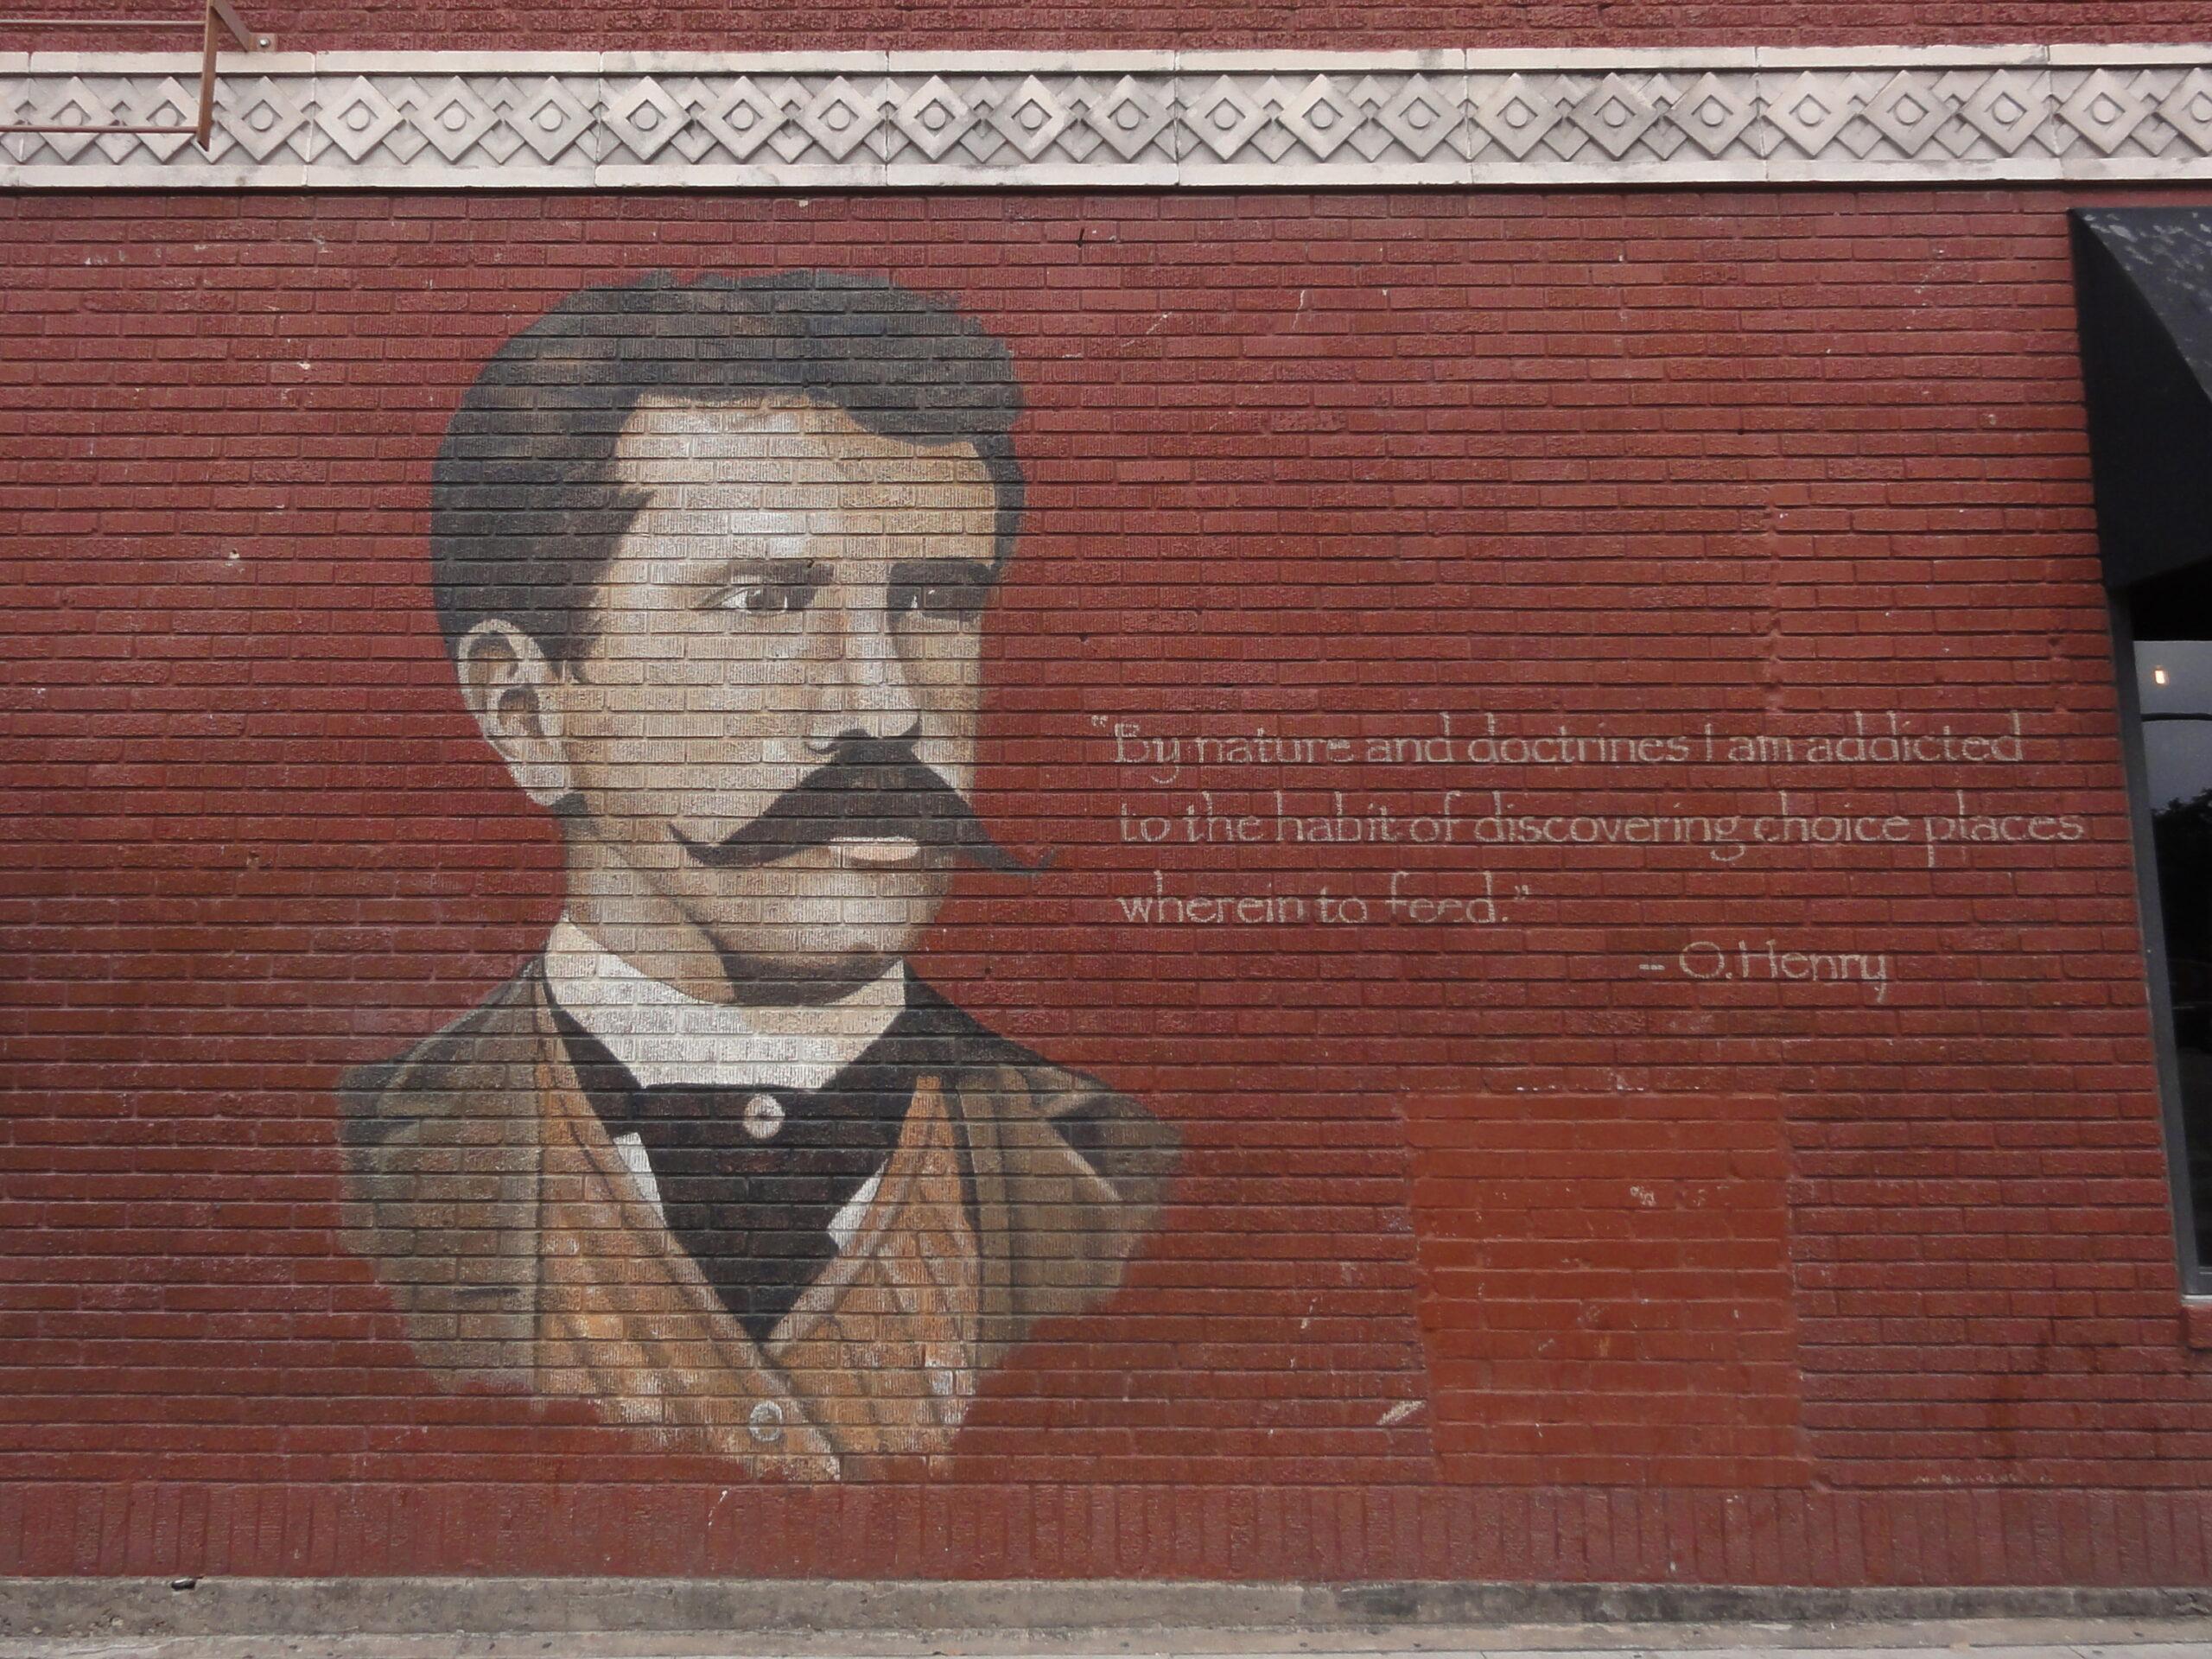 O Henry Mural